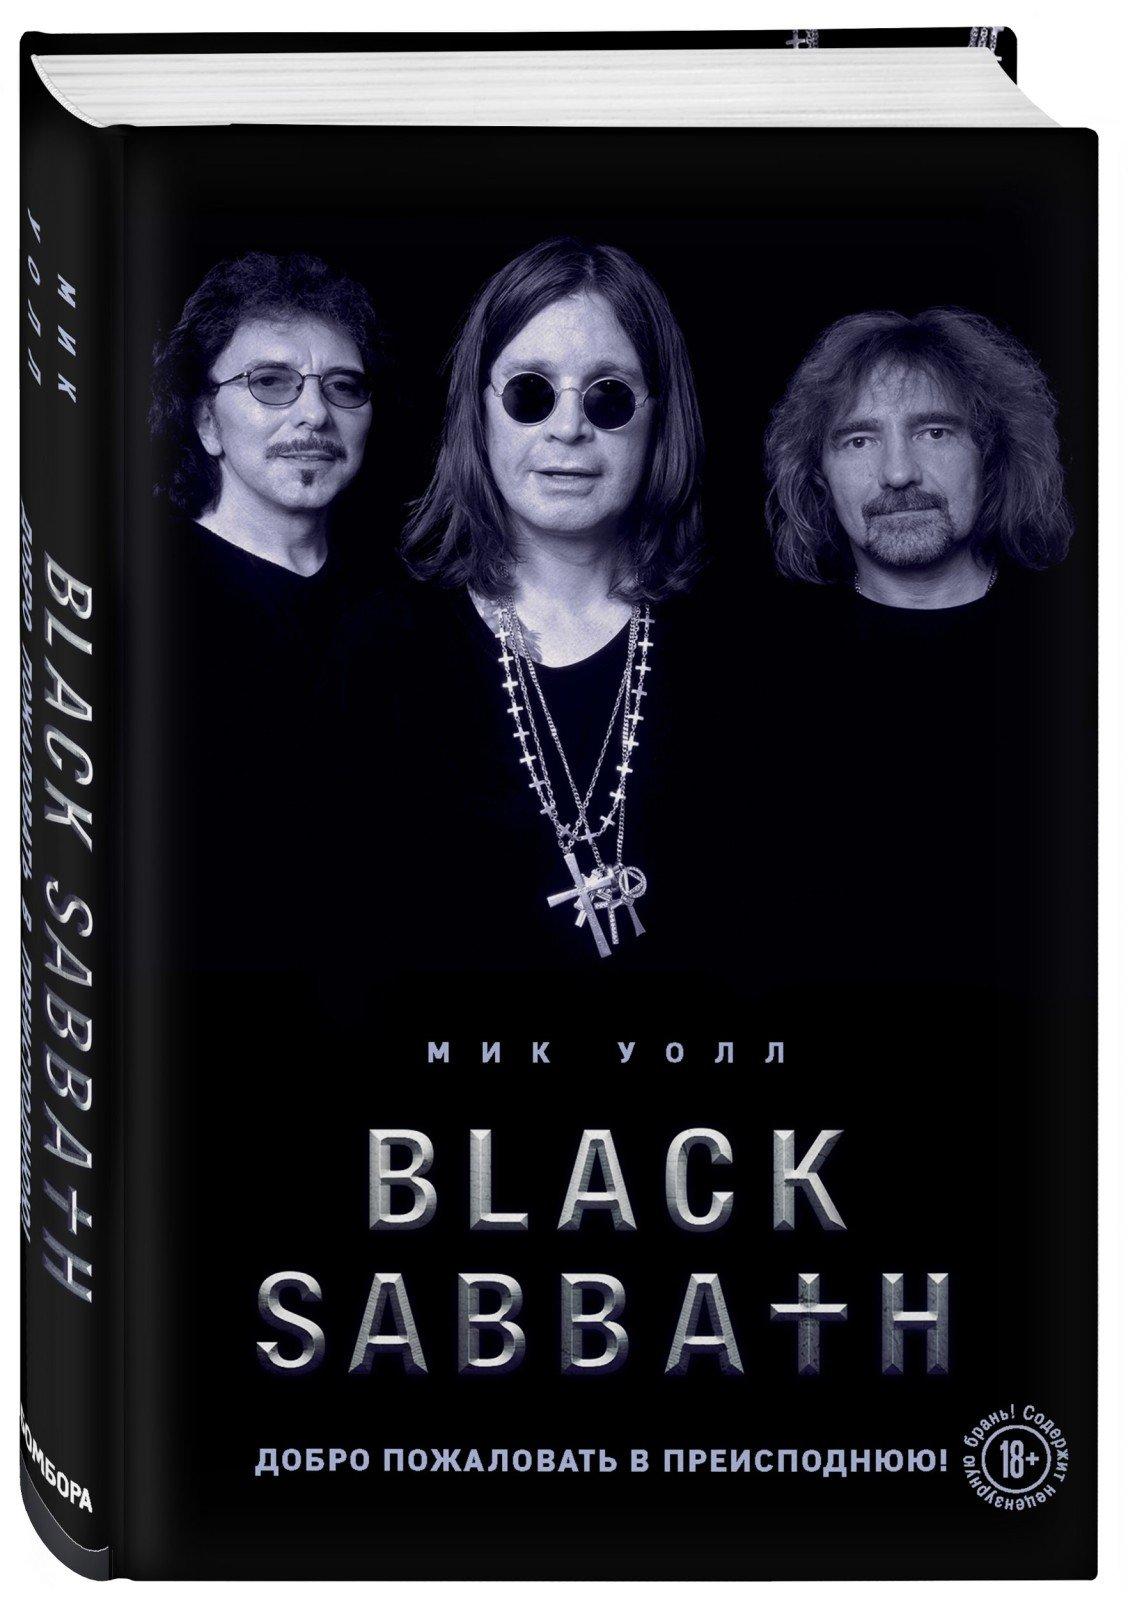 Все это рок-н-ролл: топ книг от издательства «Бомбора» о культовых музыкантах современности